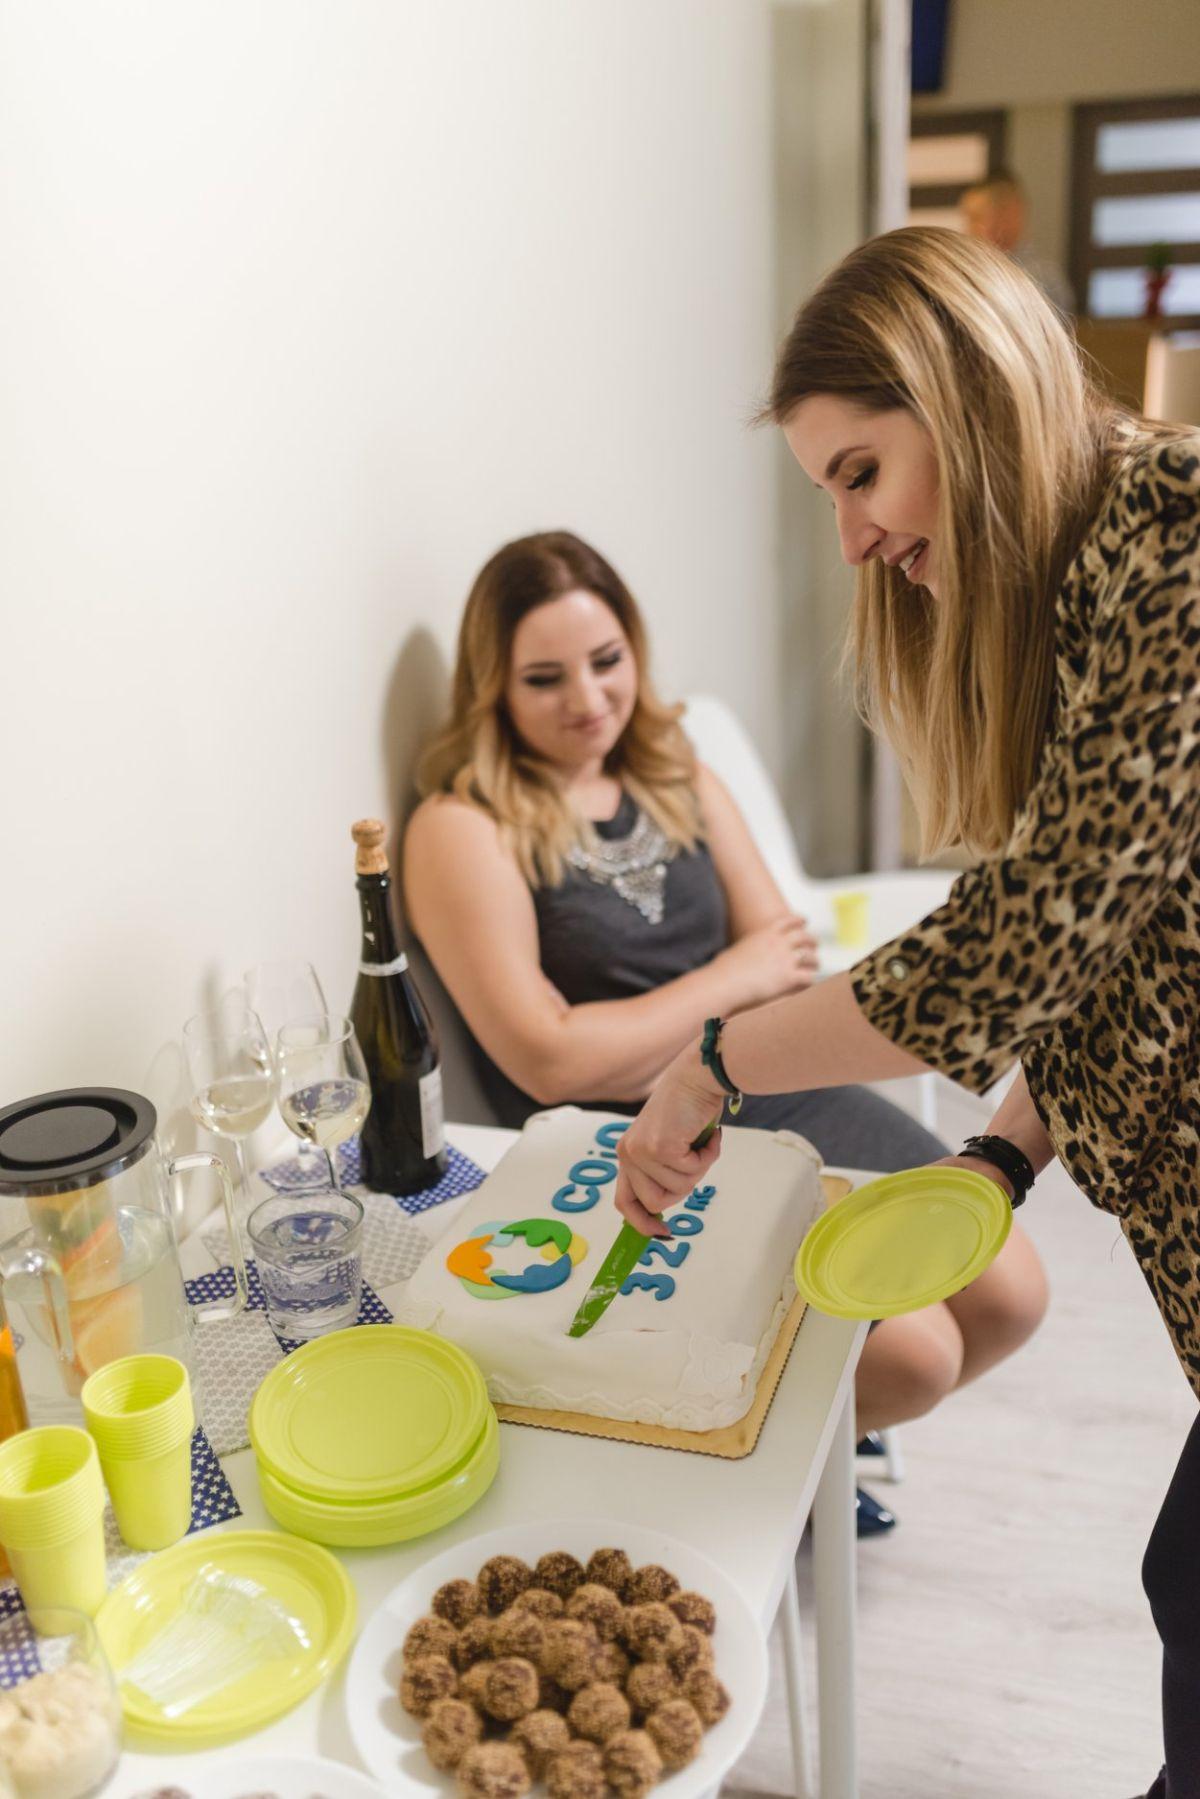 Ruszyła rekrutacja na nowy projekt Kurs Odchudzania i Zdrowego Odżywiania w Białymstoku!